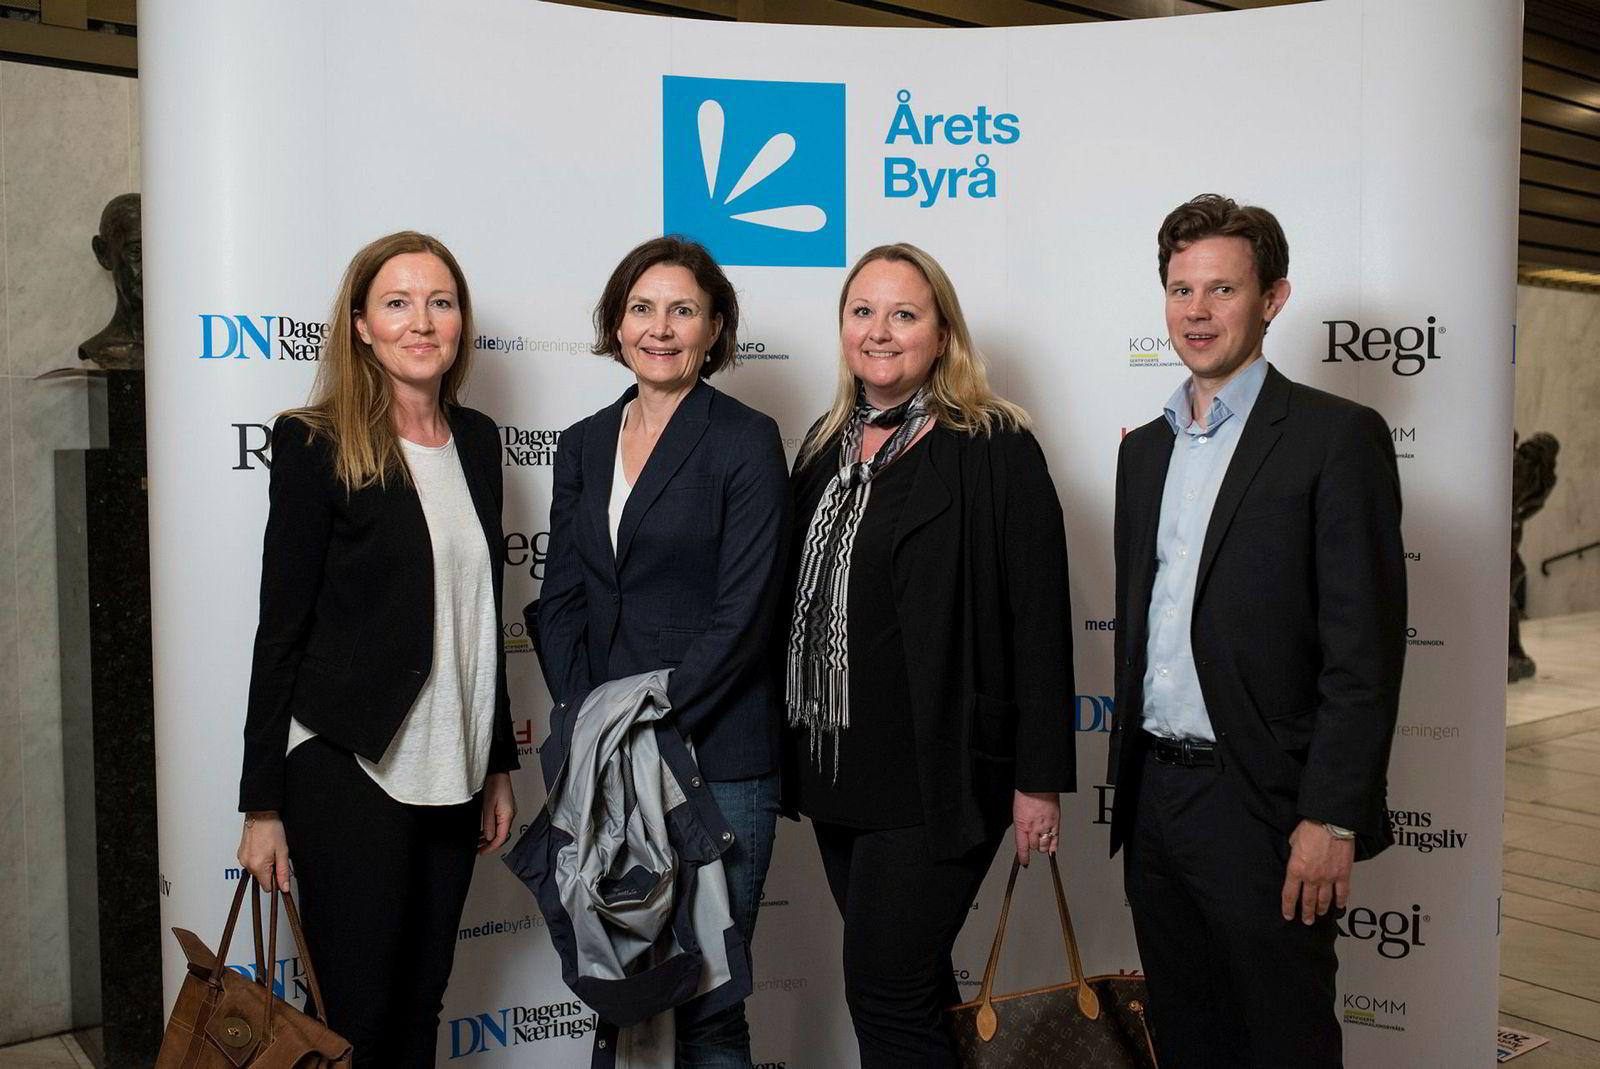 Fra venstre: Aslaug Kalve, Lise Regine KRistensen, Hanne Jegleim og Fredrik Bentzen i mediebyrået Mediacom.